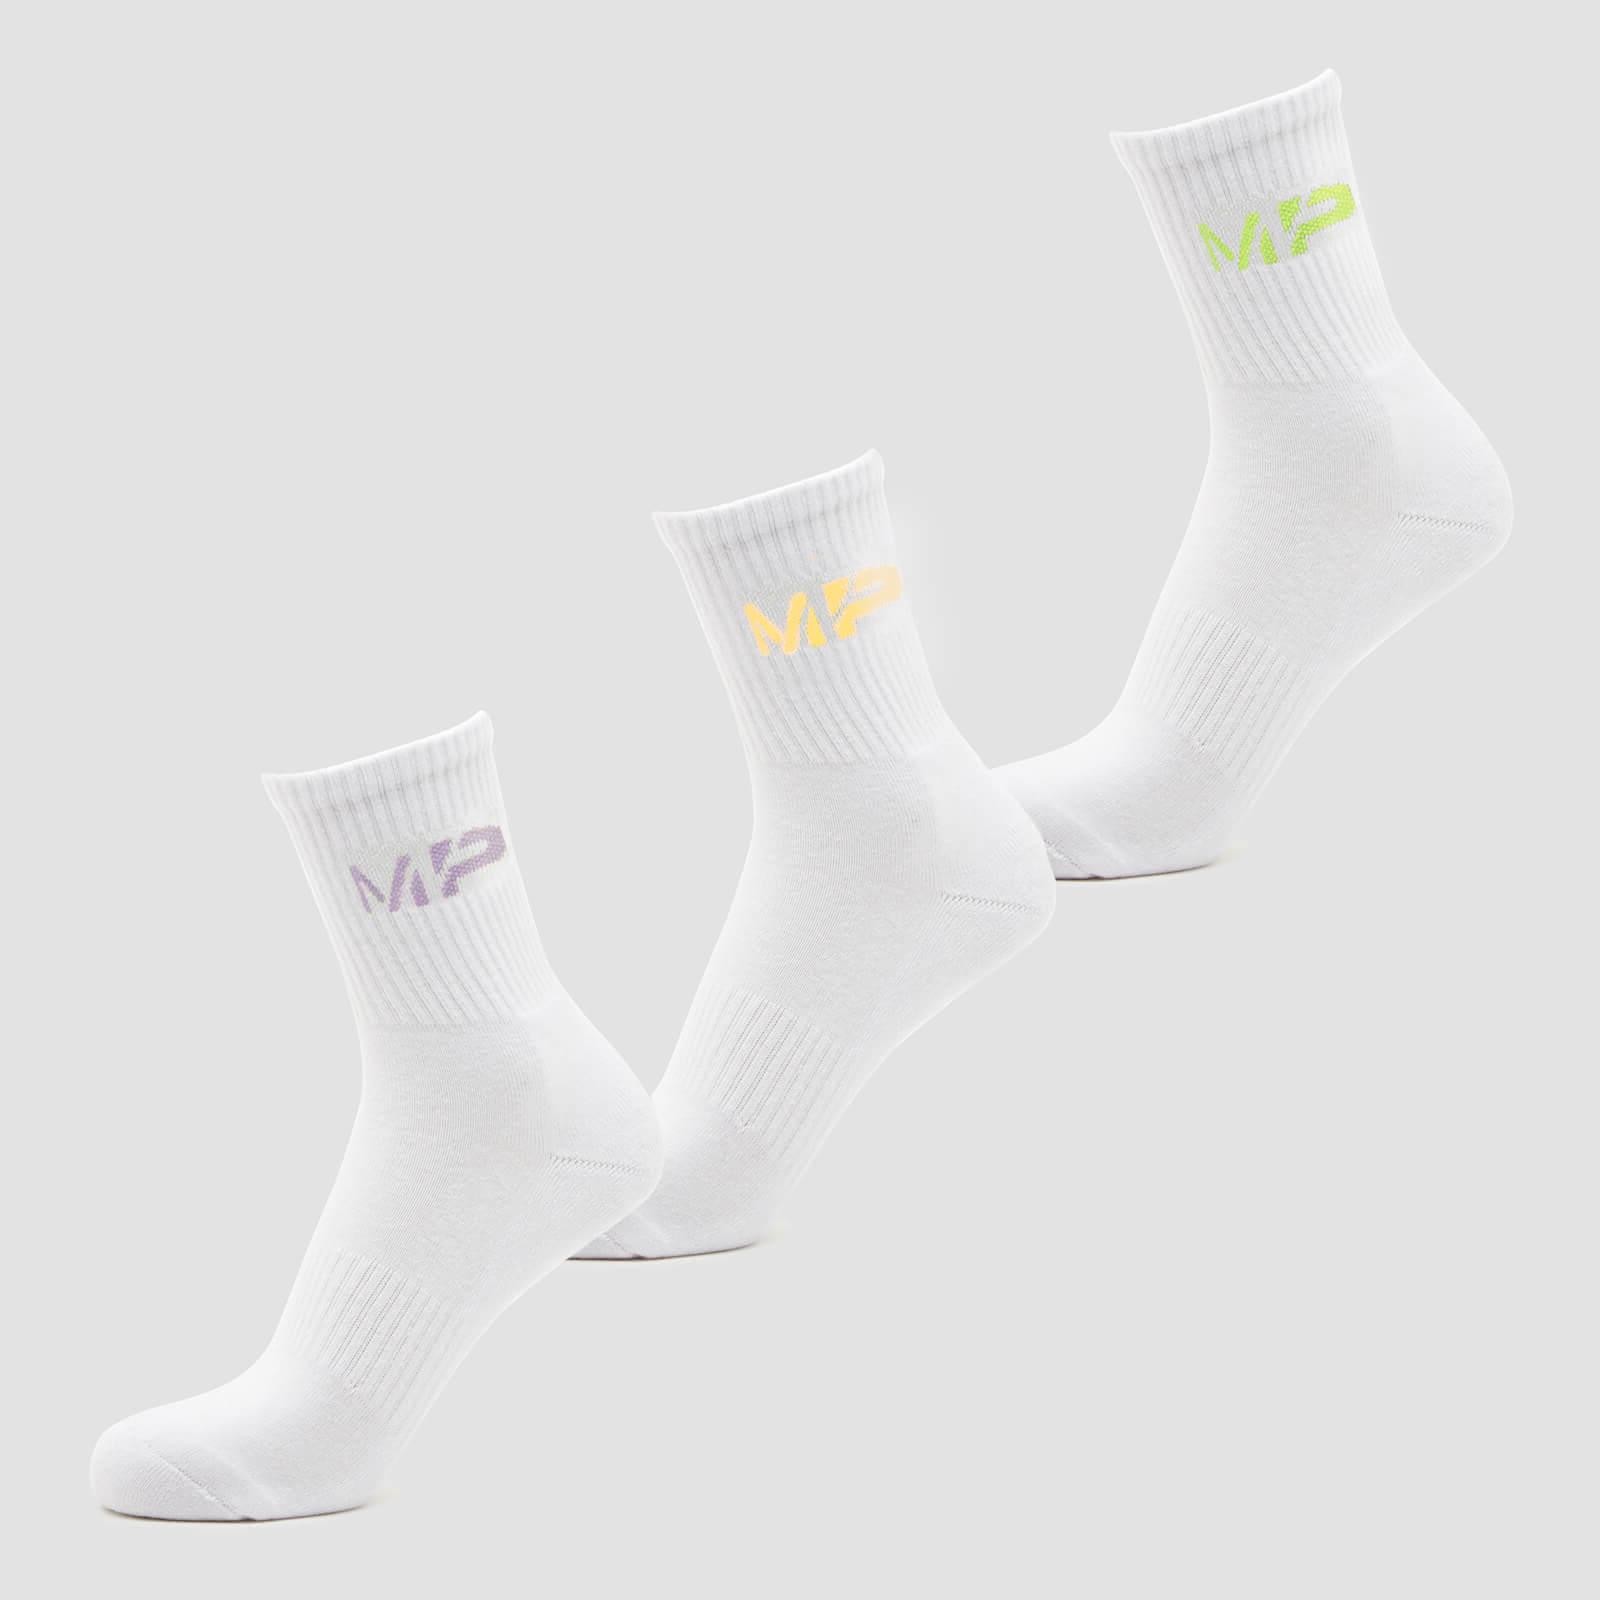 Купить MP Women's Neon MP Logo Crew Socks (3 Pack) Butterfly/Banana/Lavender - UK 3-6, Myprotein International